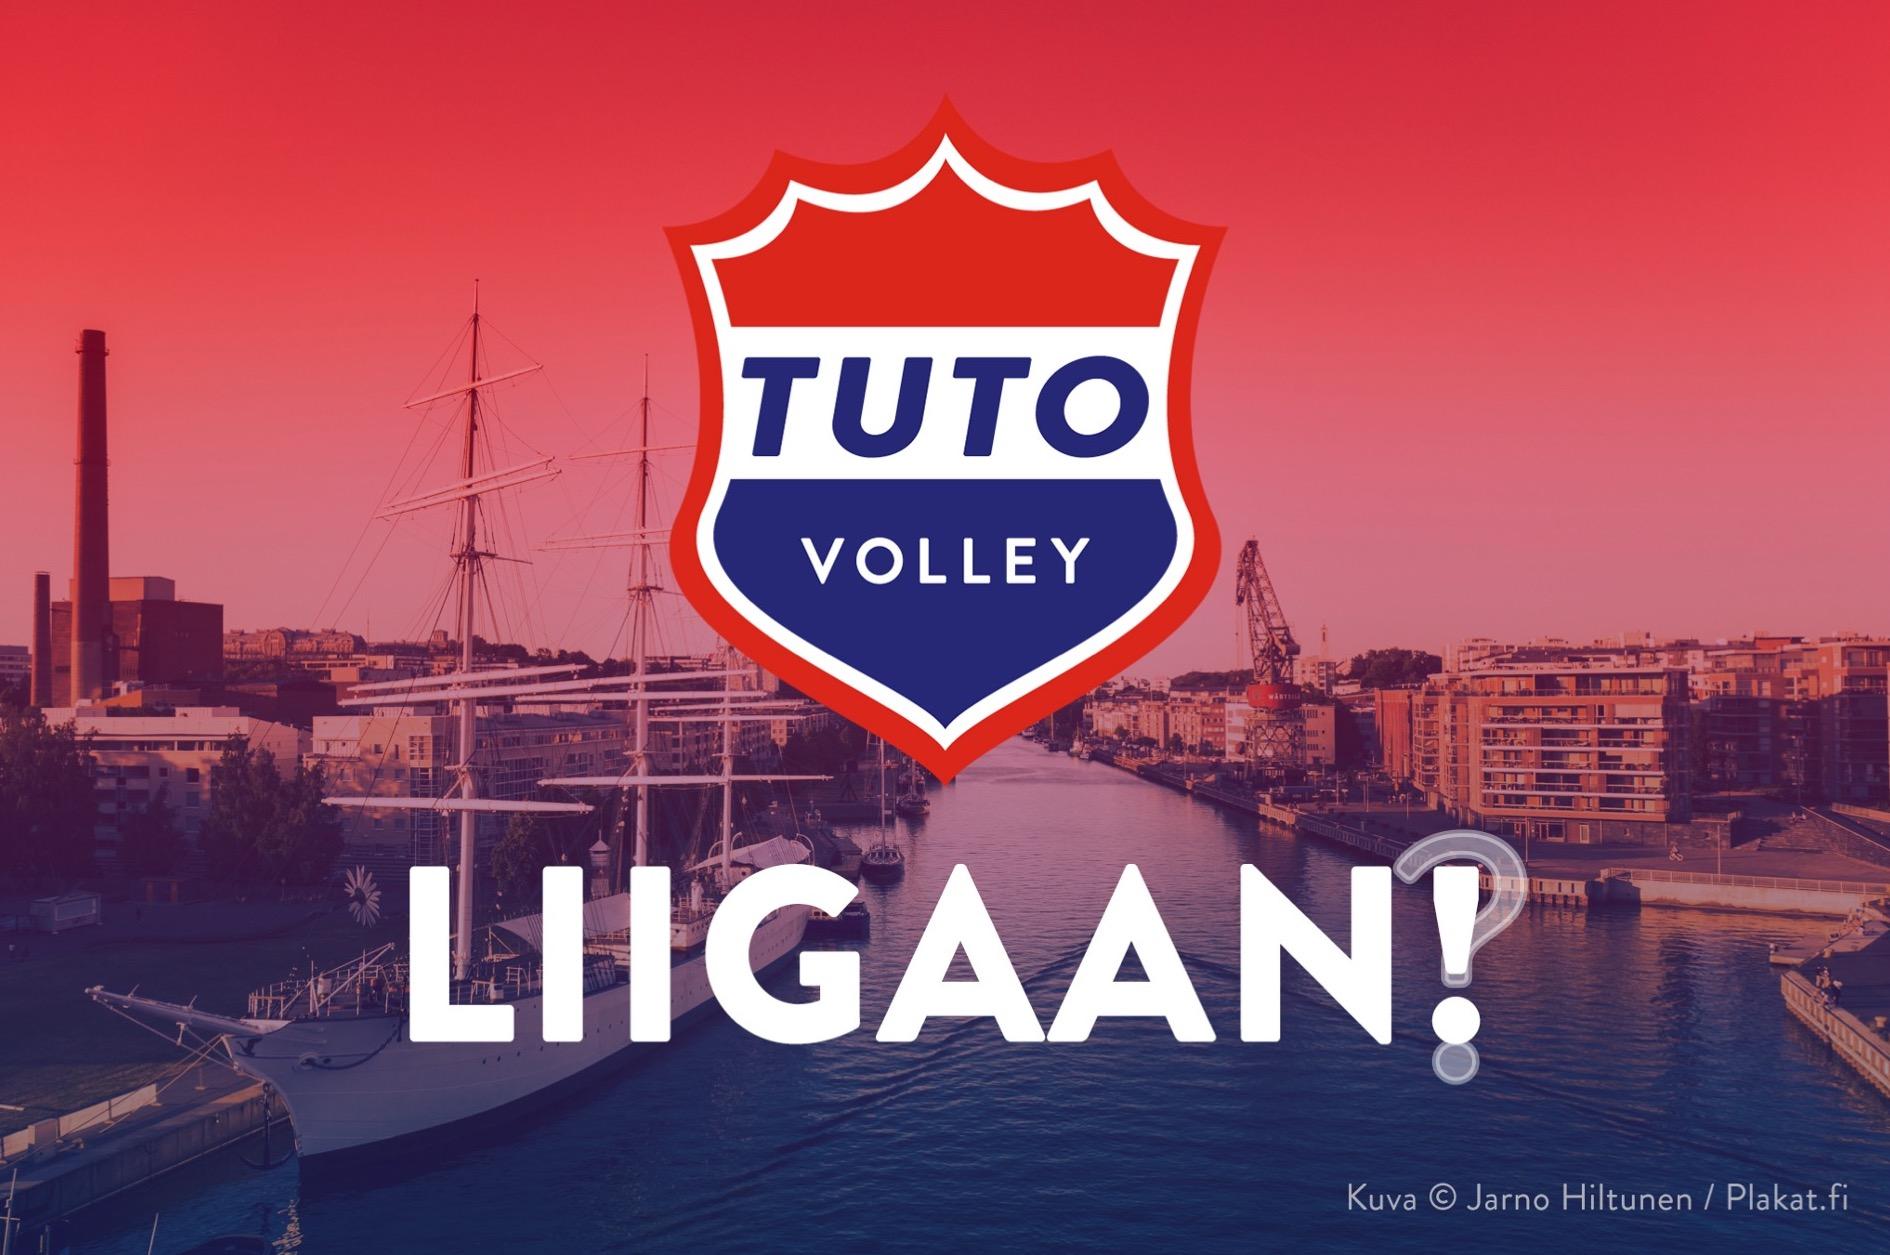 tutovolley.fi